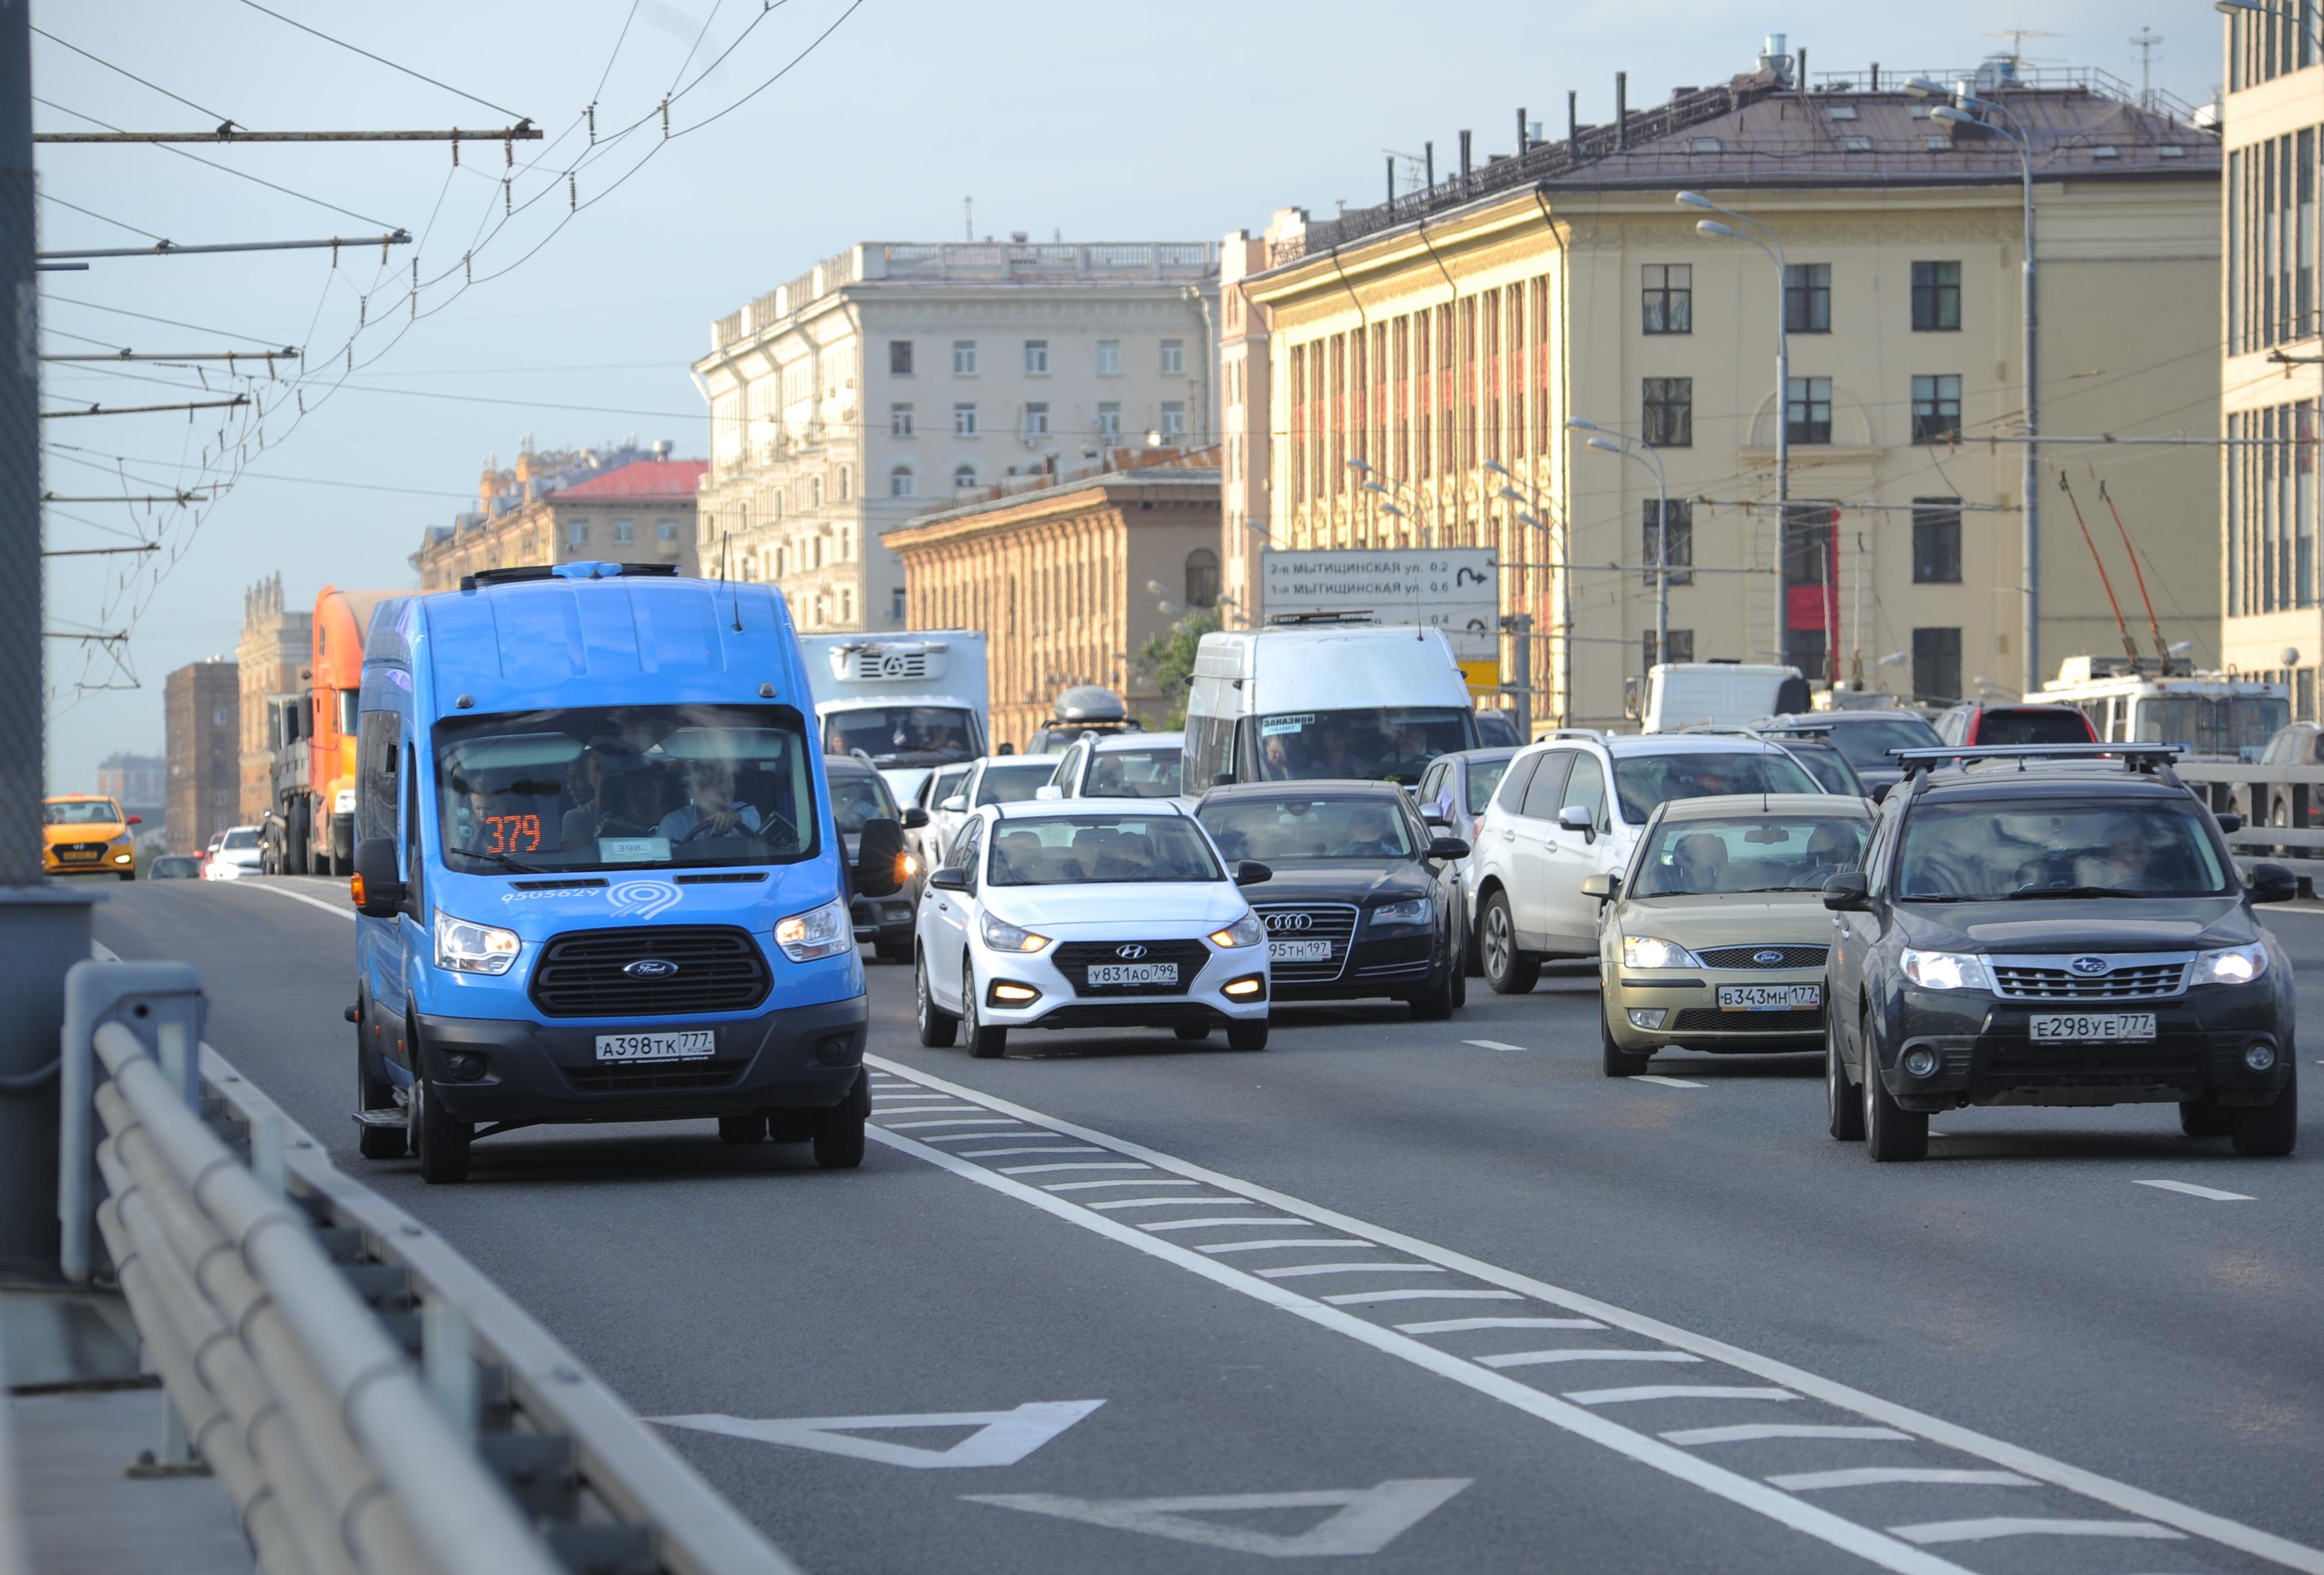 Автомобилистам окончательно запретили выезд на выделенные полосы